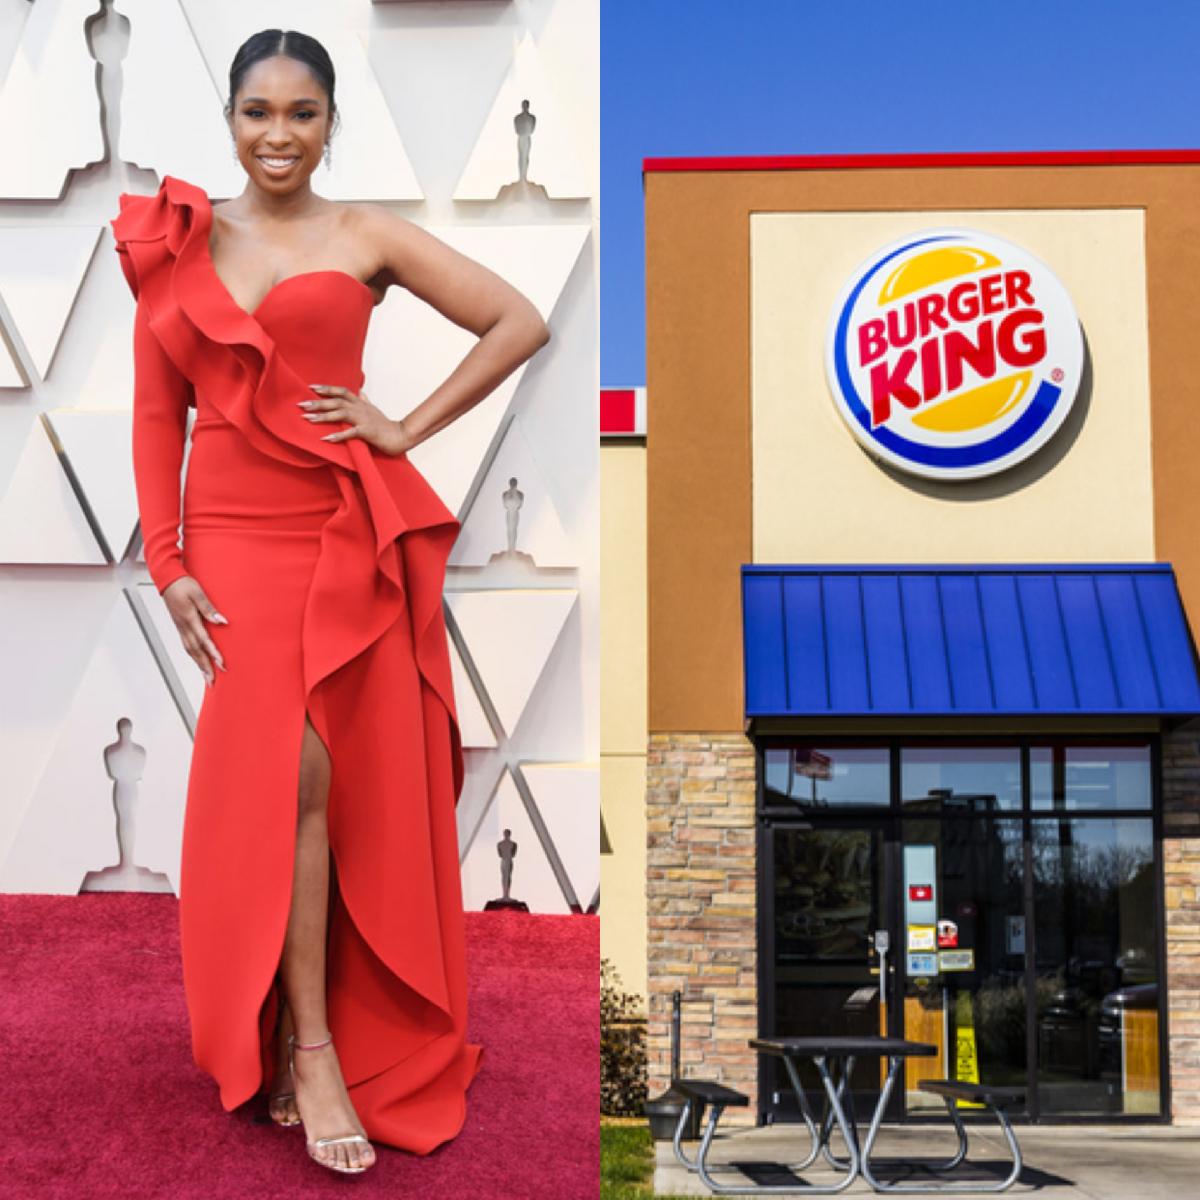 姉と一緒にハンバーガーチェーン「バーガーキング」で働いていたというジェニファー・ハドソン(37)。2007年にアカデミー賞助演女優賞を受賞したときには、「バーガーキング」から一生無料で食べられる優待カードをゲット!